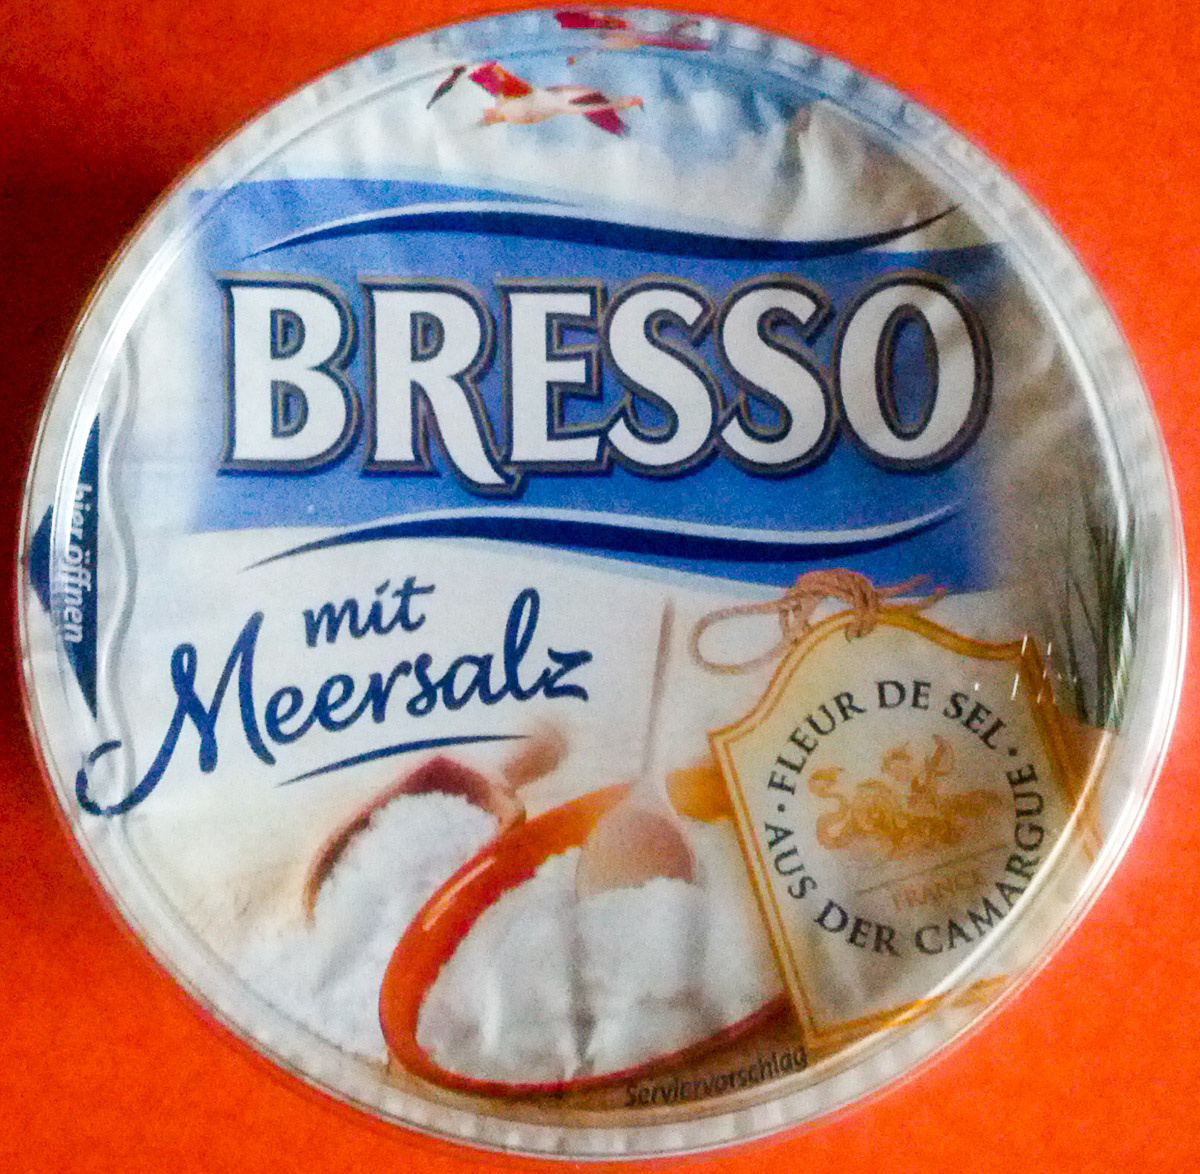 Bresso mit Meersalz - Product